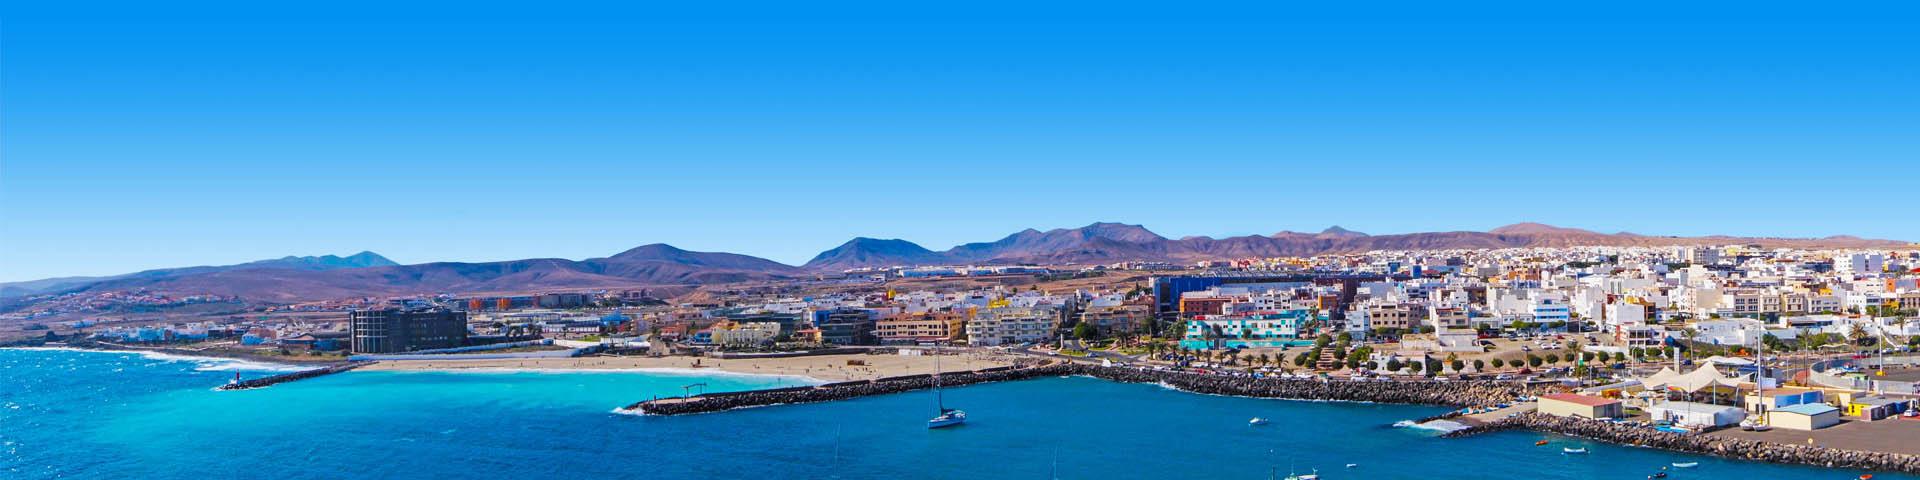 KPrachtige strand met blauwe zee en uitkijkend over een dorp en bergen op de Canarische Eilanden.